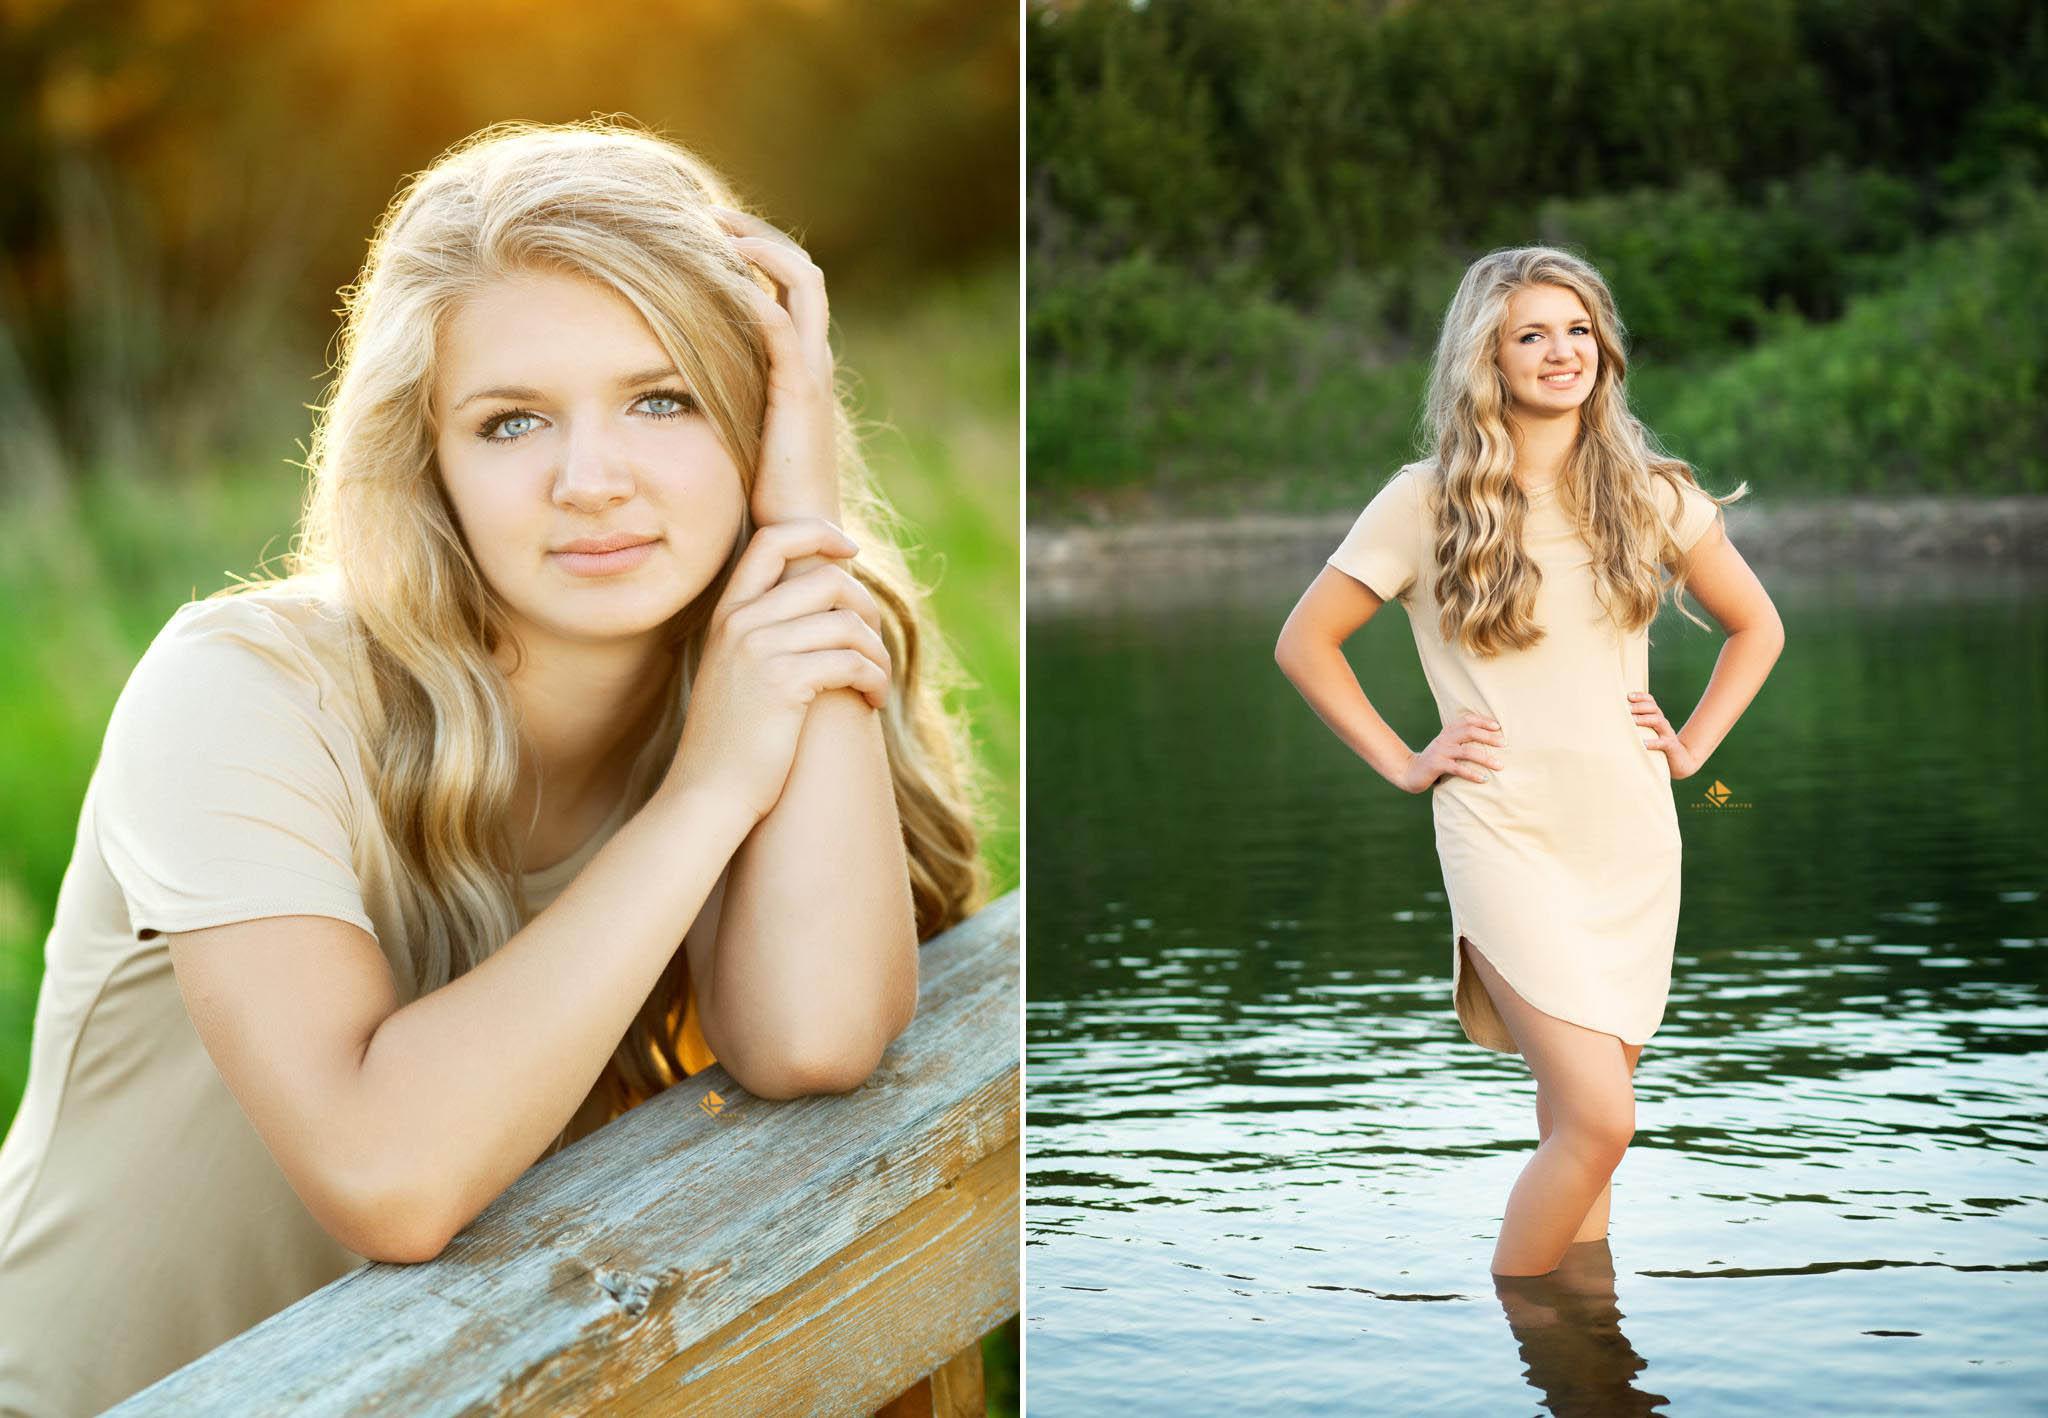 Backlit Senior Images by Katie Swatek Photography | Water Senior Photos by Katie Swatek Photography